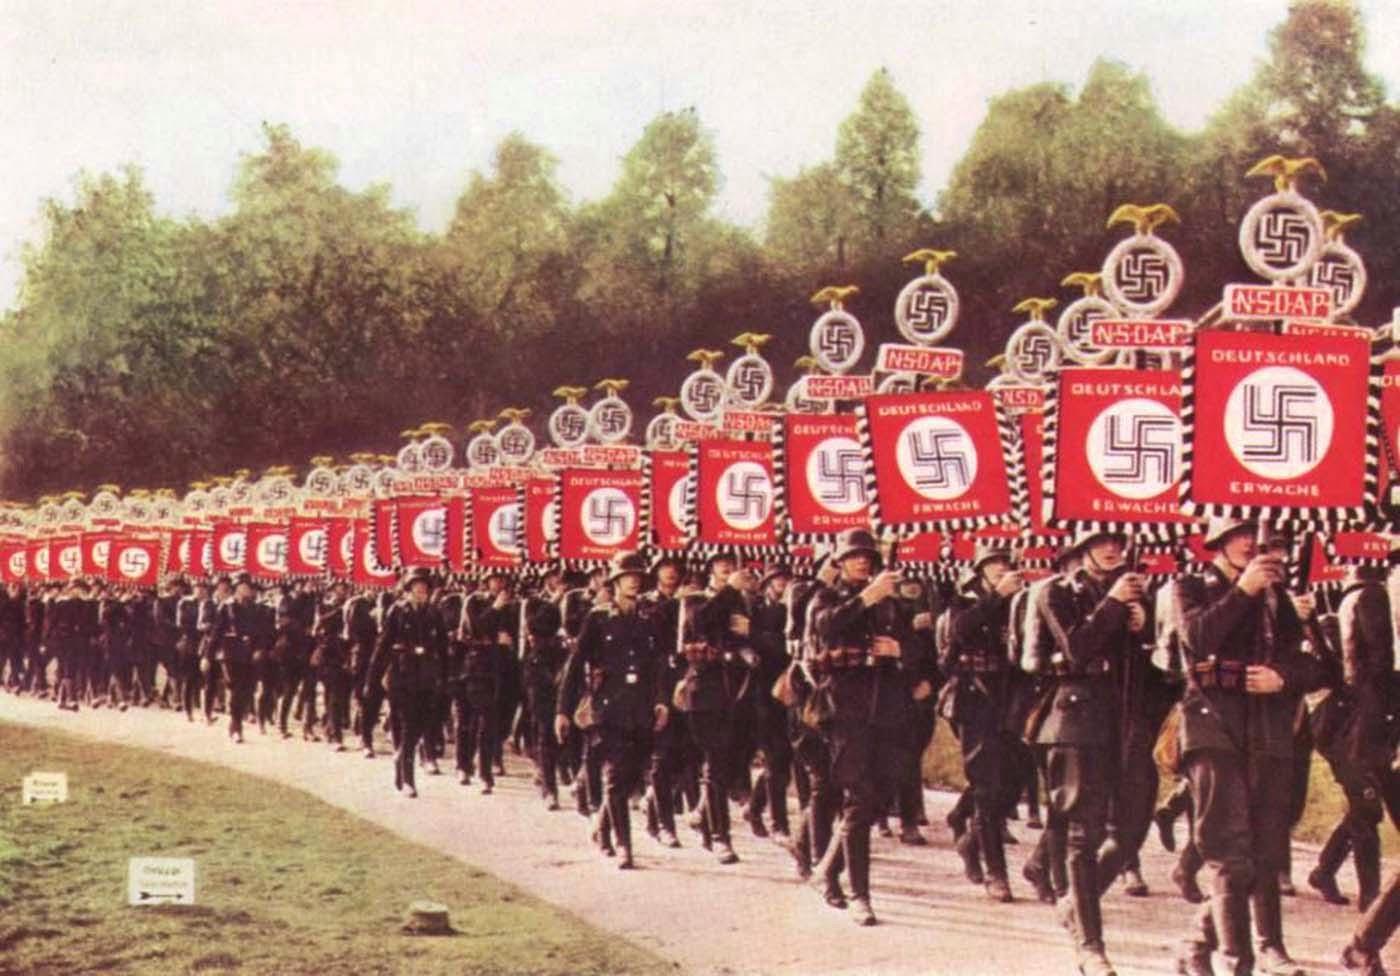 Un fil de discussion en mémoire des millions de victimes des nazis - Page 14 Nazis-on-parade.